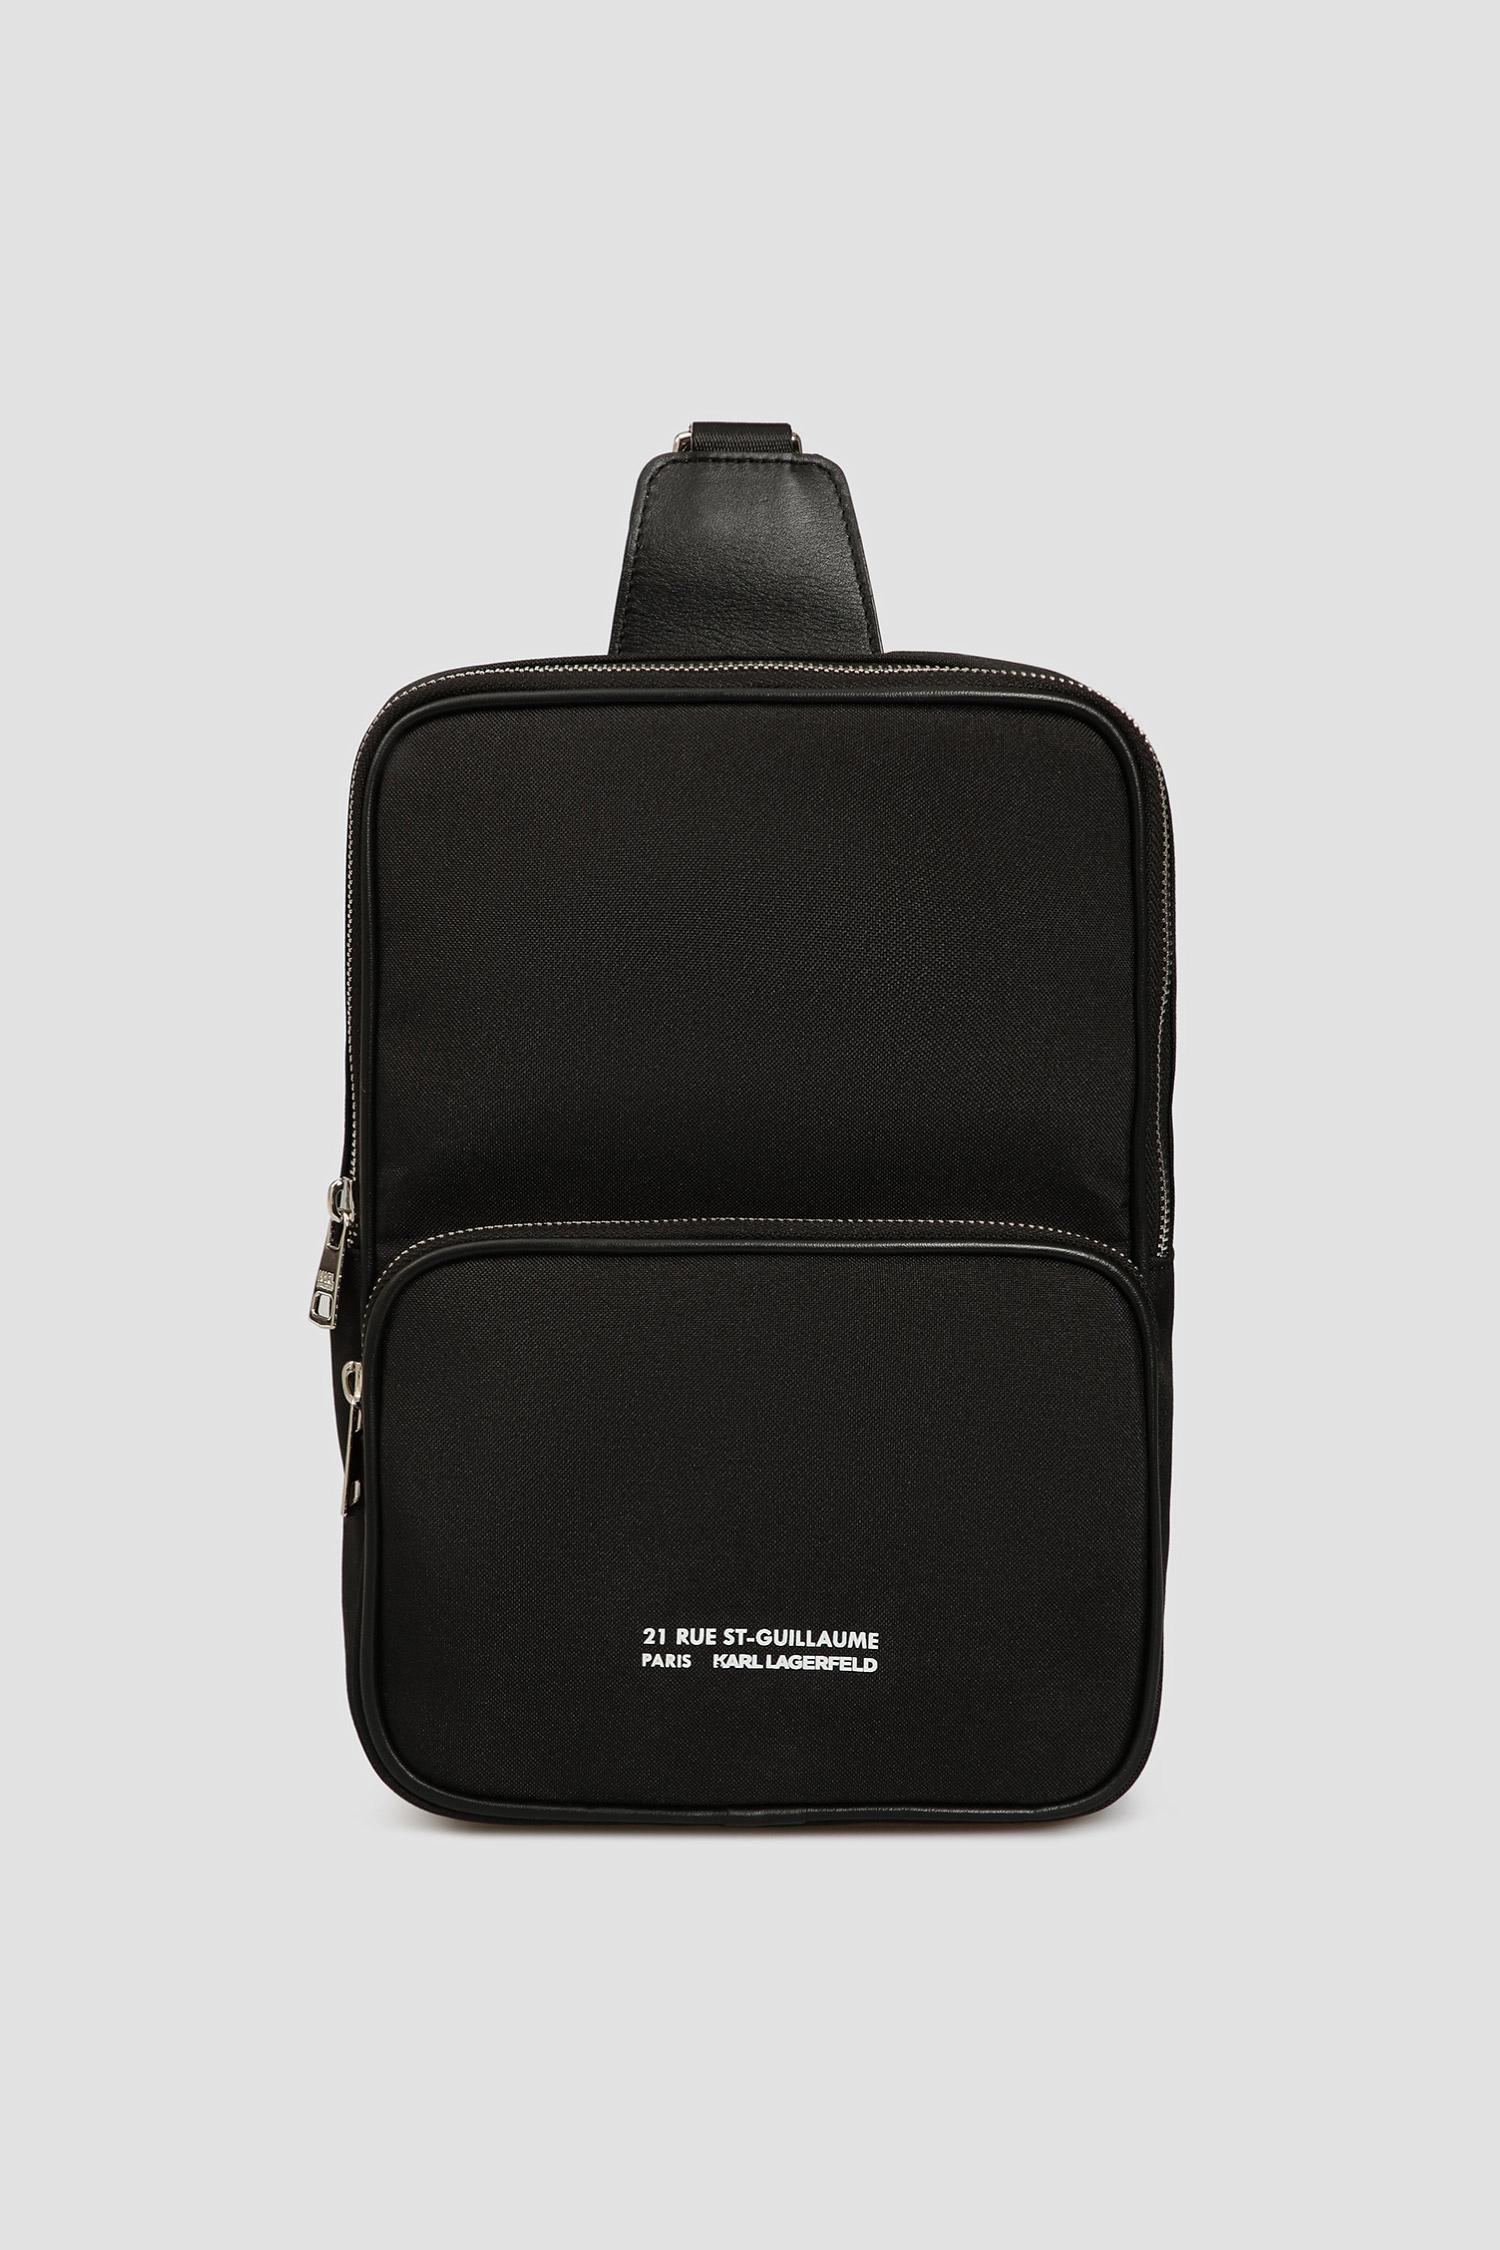 Чоловіча чорна сумка через плече Karl Lagerfeld 501112.805904;990